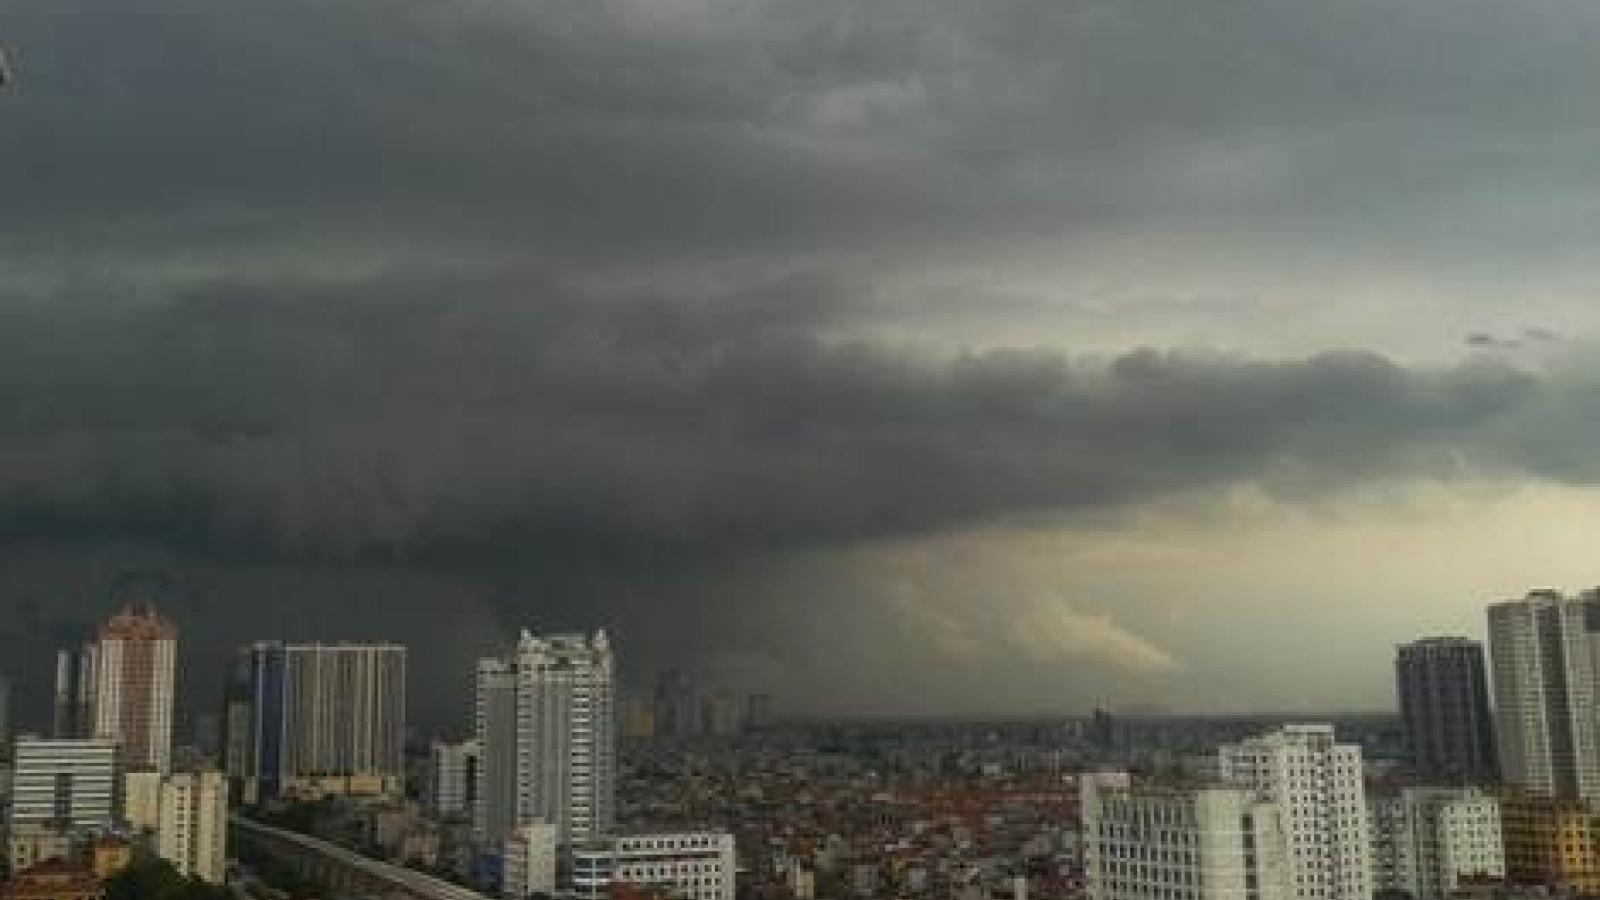 Dự báo thời tiết hôm nay: Bắc Bộ có mưa rào và dông, Trung Bộ nắng nóng